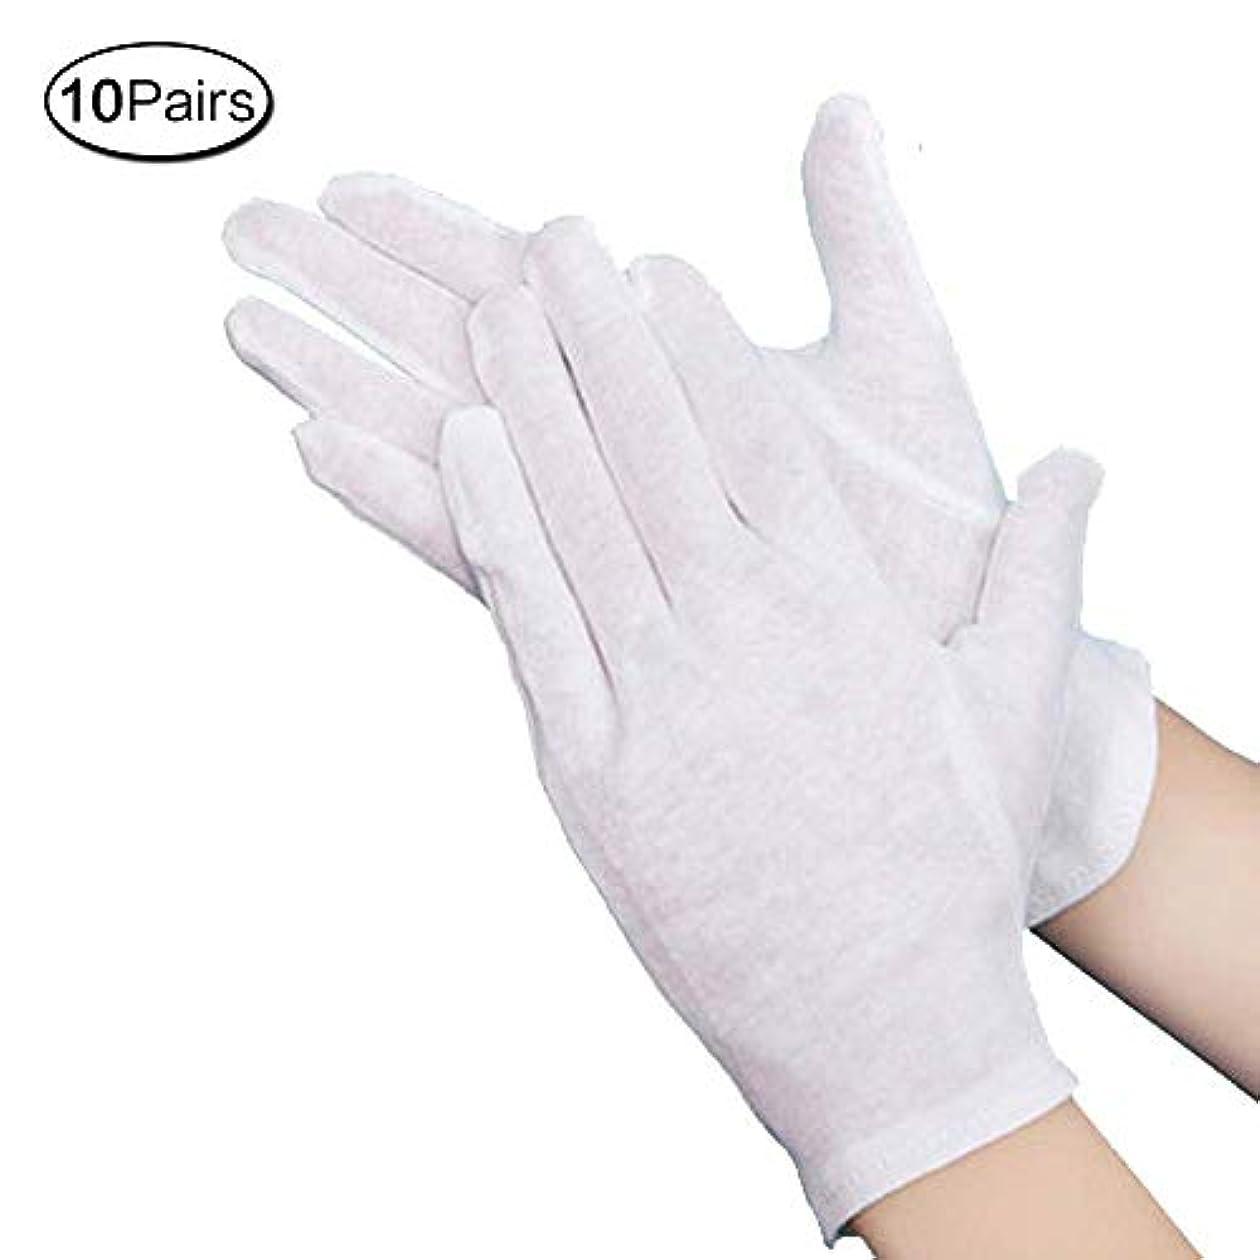 不変接続パキスタン綿手袋 純綿100% 通気性 コットン手袋 10双組 M